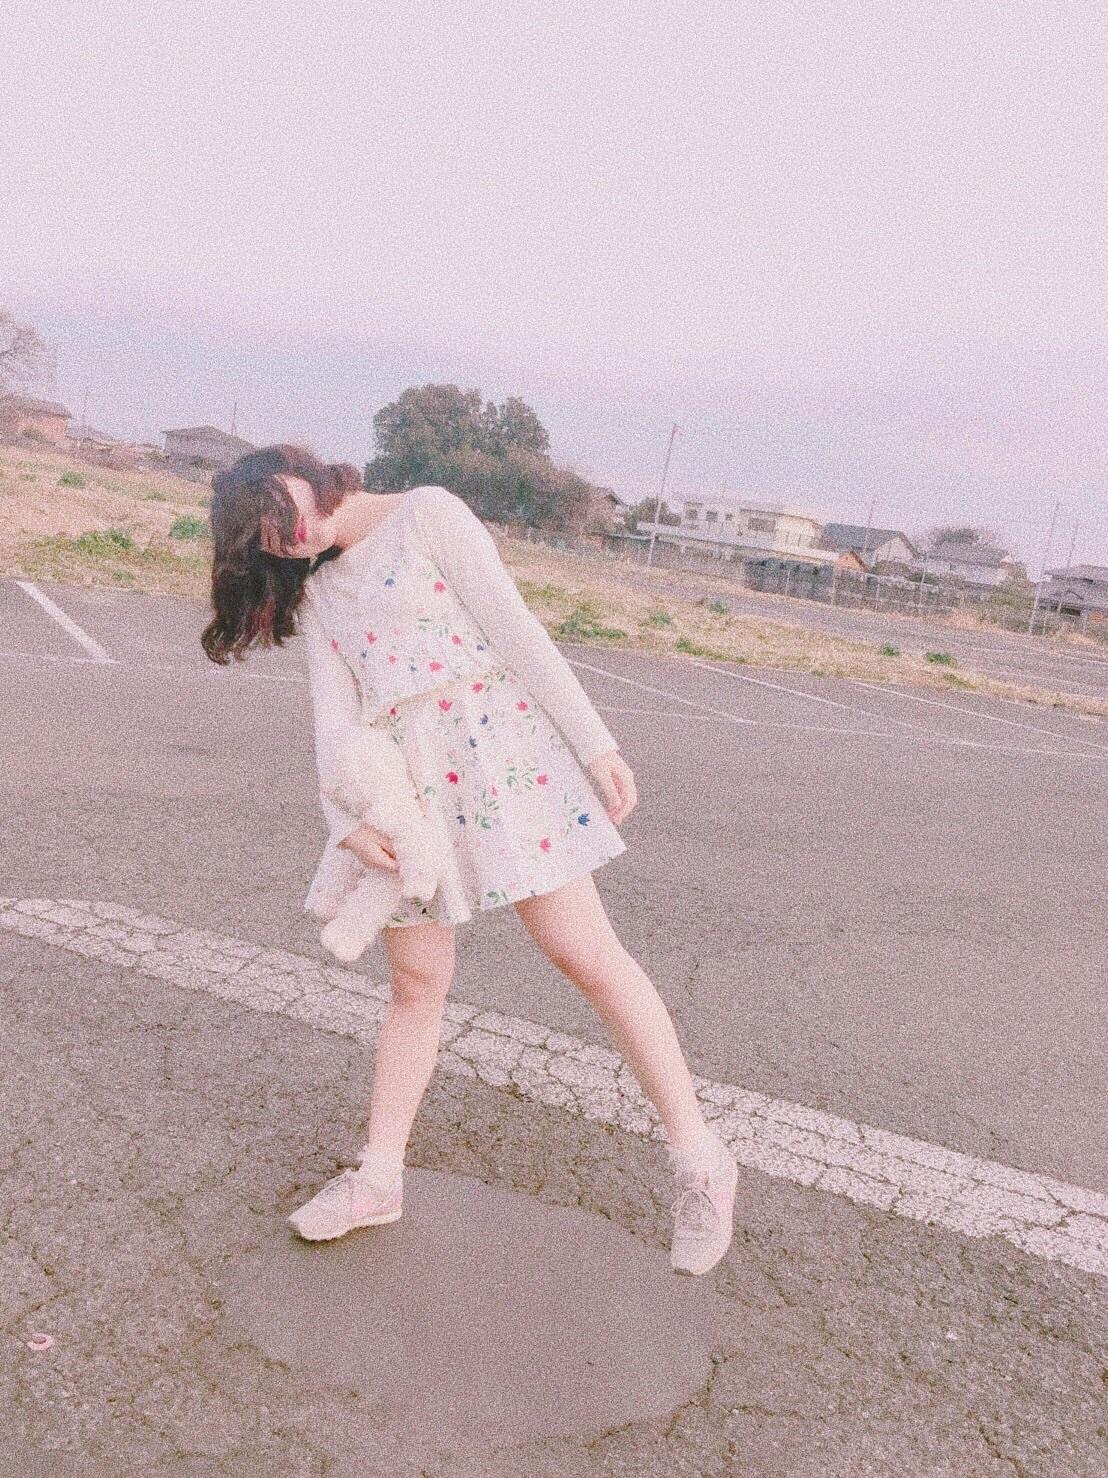 【絶対流行る】フィルムカメラ風レトロ加工のやり方!!